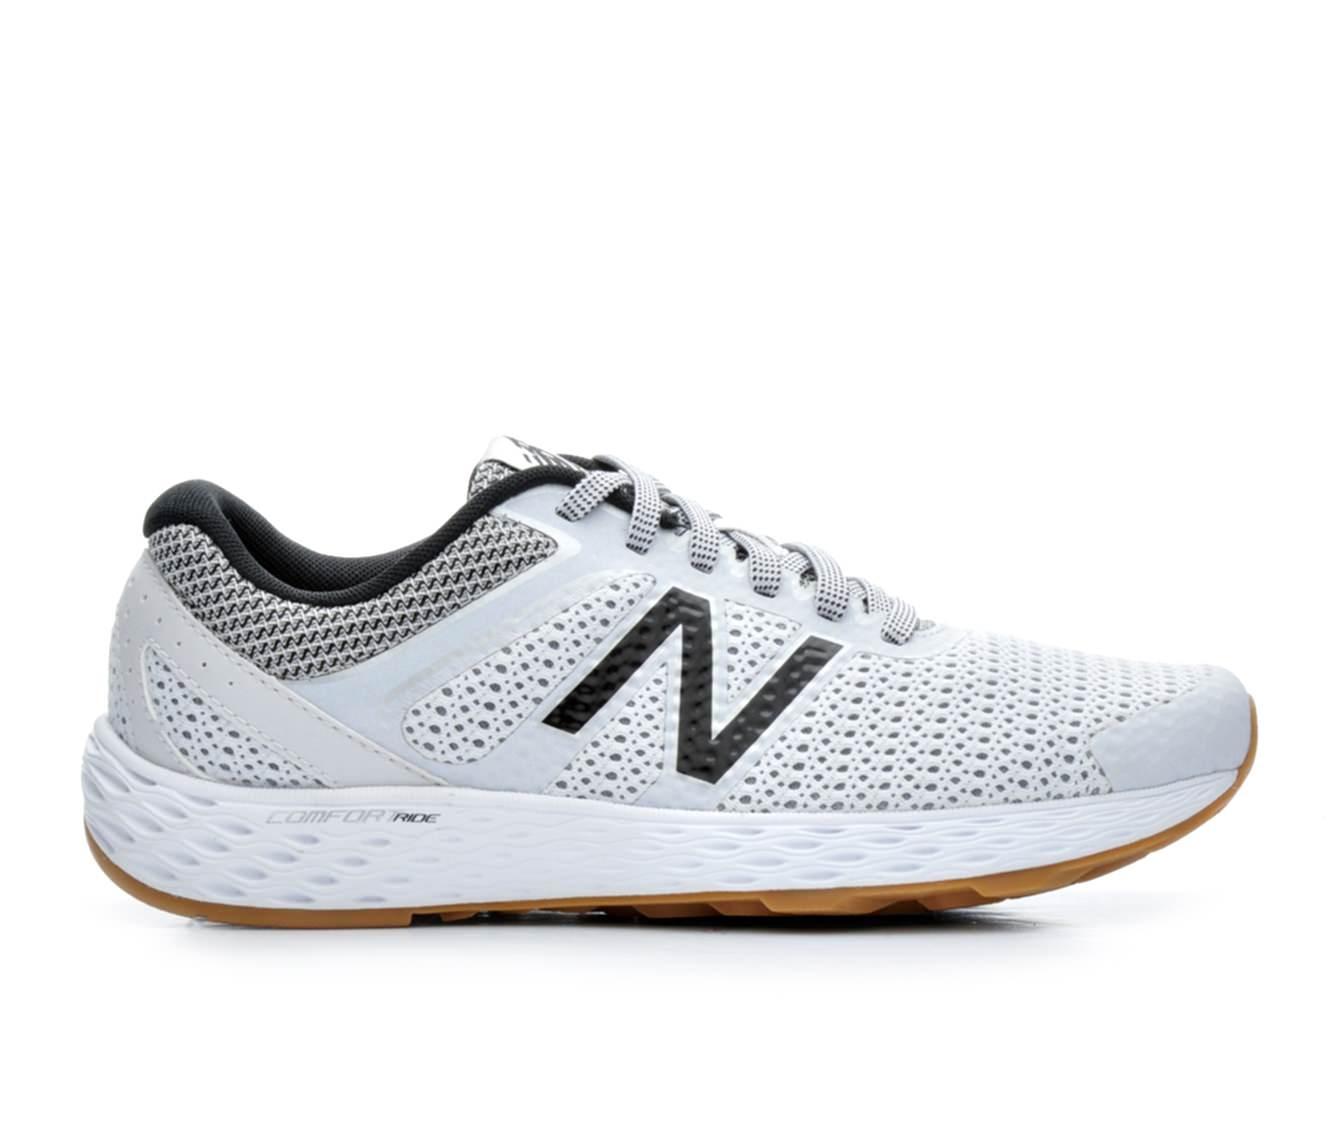 New Balance W520v3